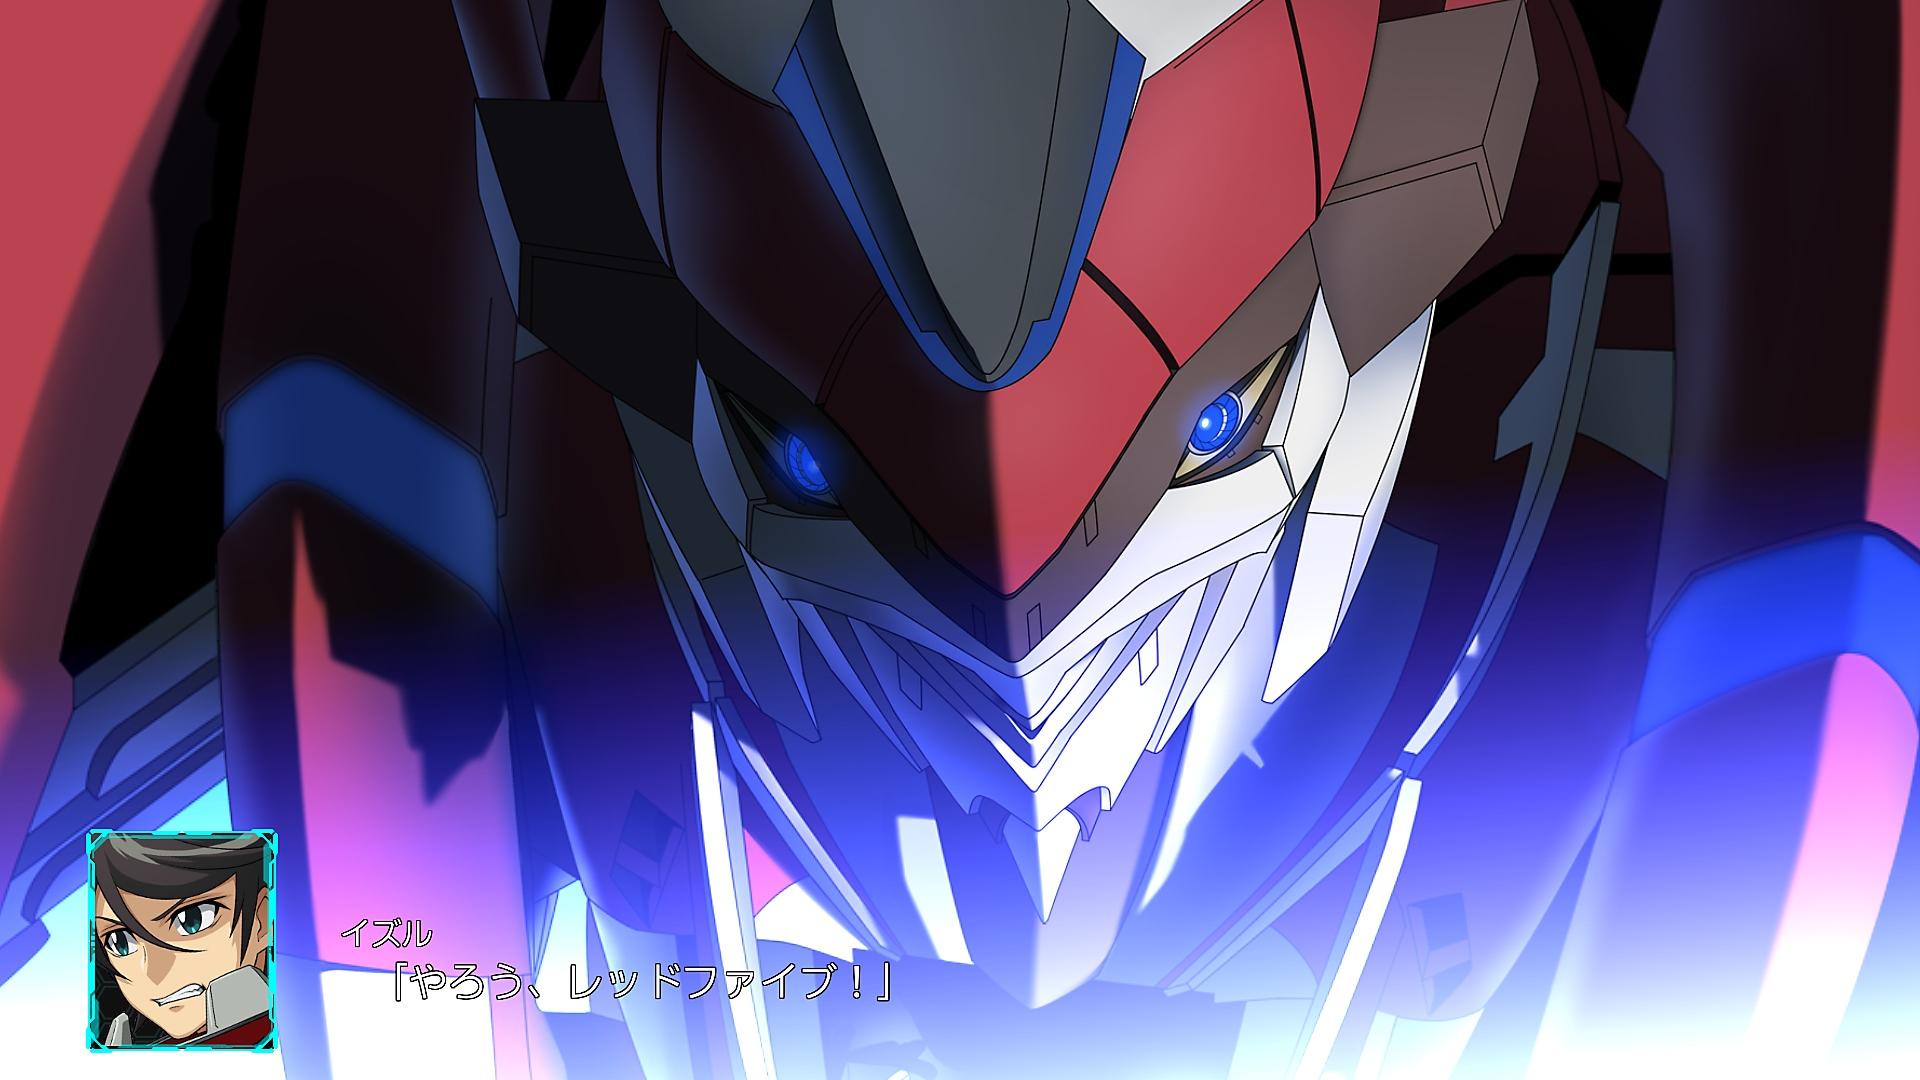 スーパーロボット大戦30 - Gallery Screenshot 7